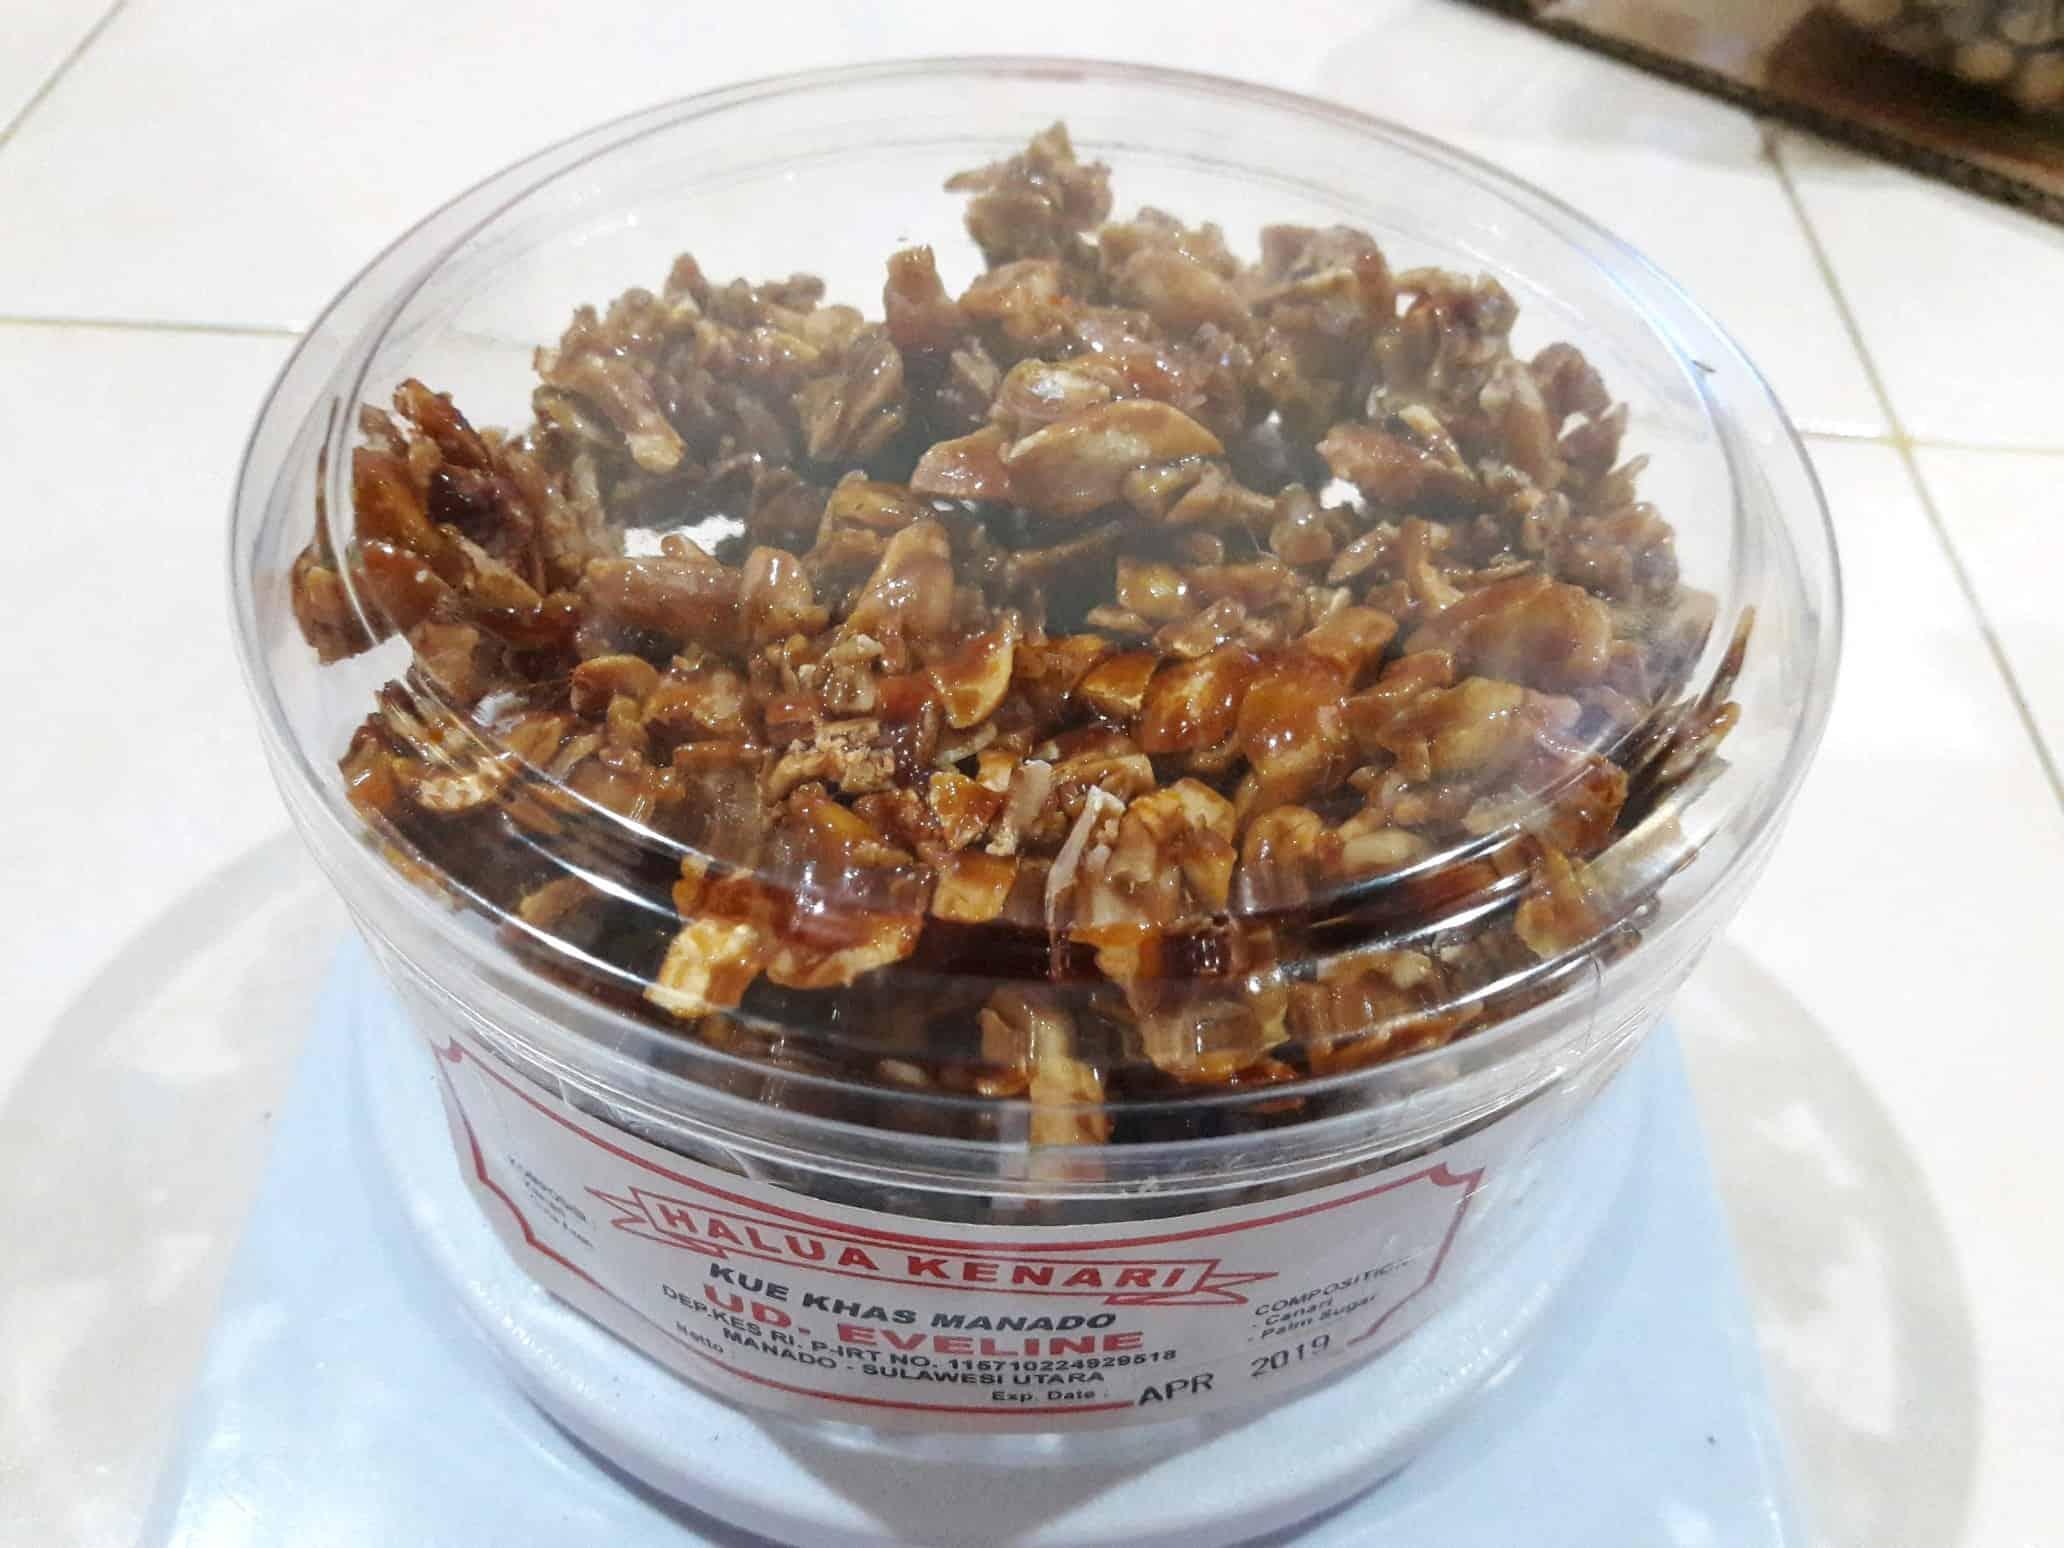 gambar makanan khas manado Halua Kenari